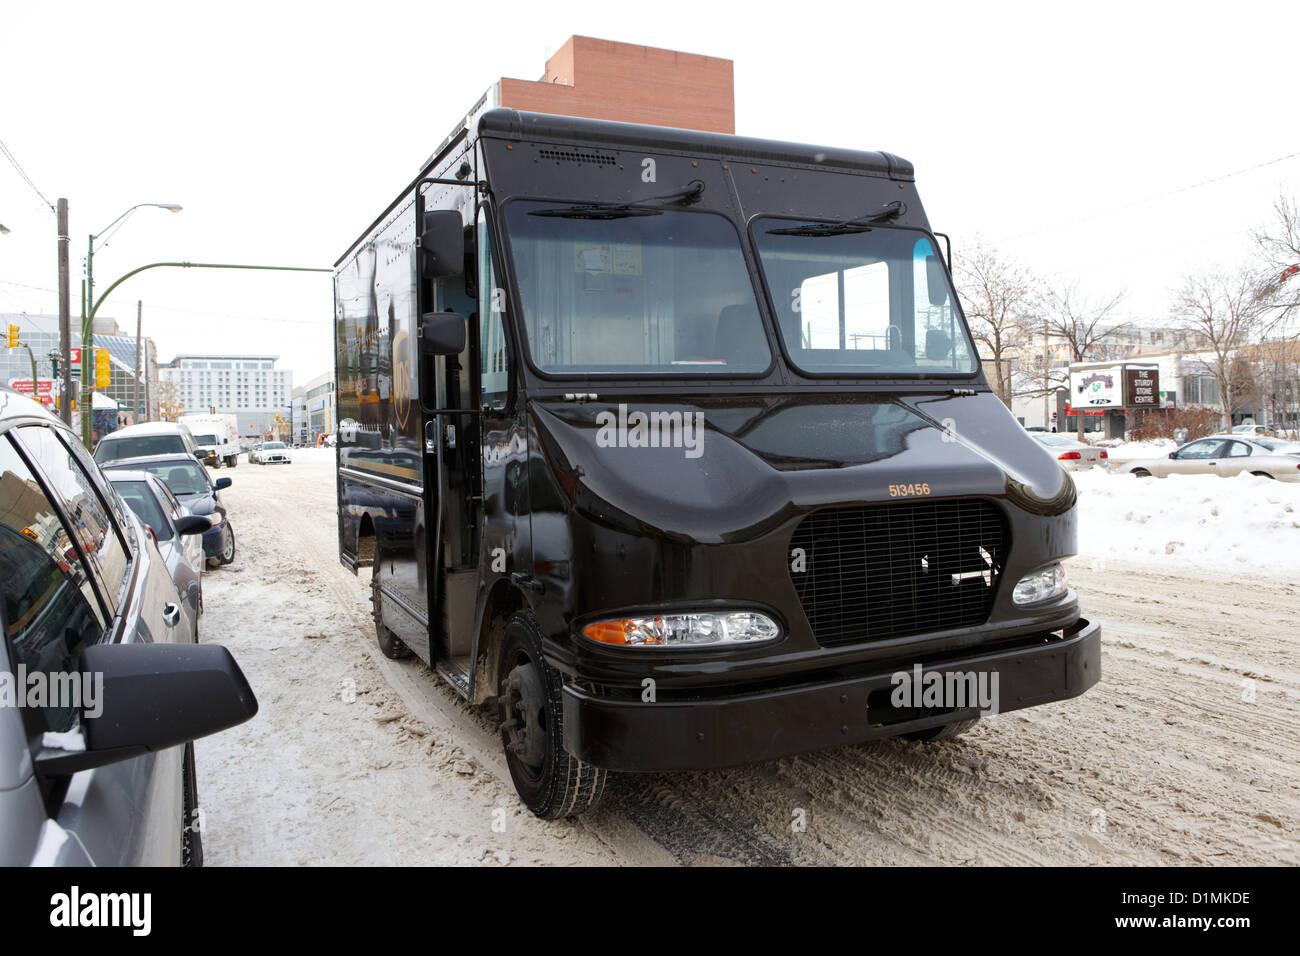 UPS-Lieferwagen Doppel geparkt auf Straße in der kalten Jahreszeit Saskatoon Saskatchewan Kanada Stockbild